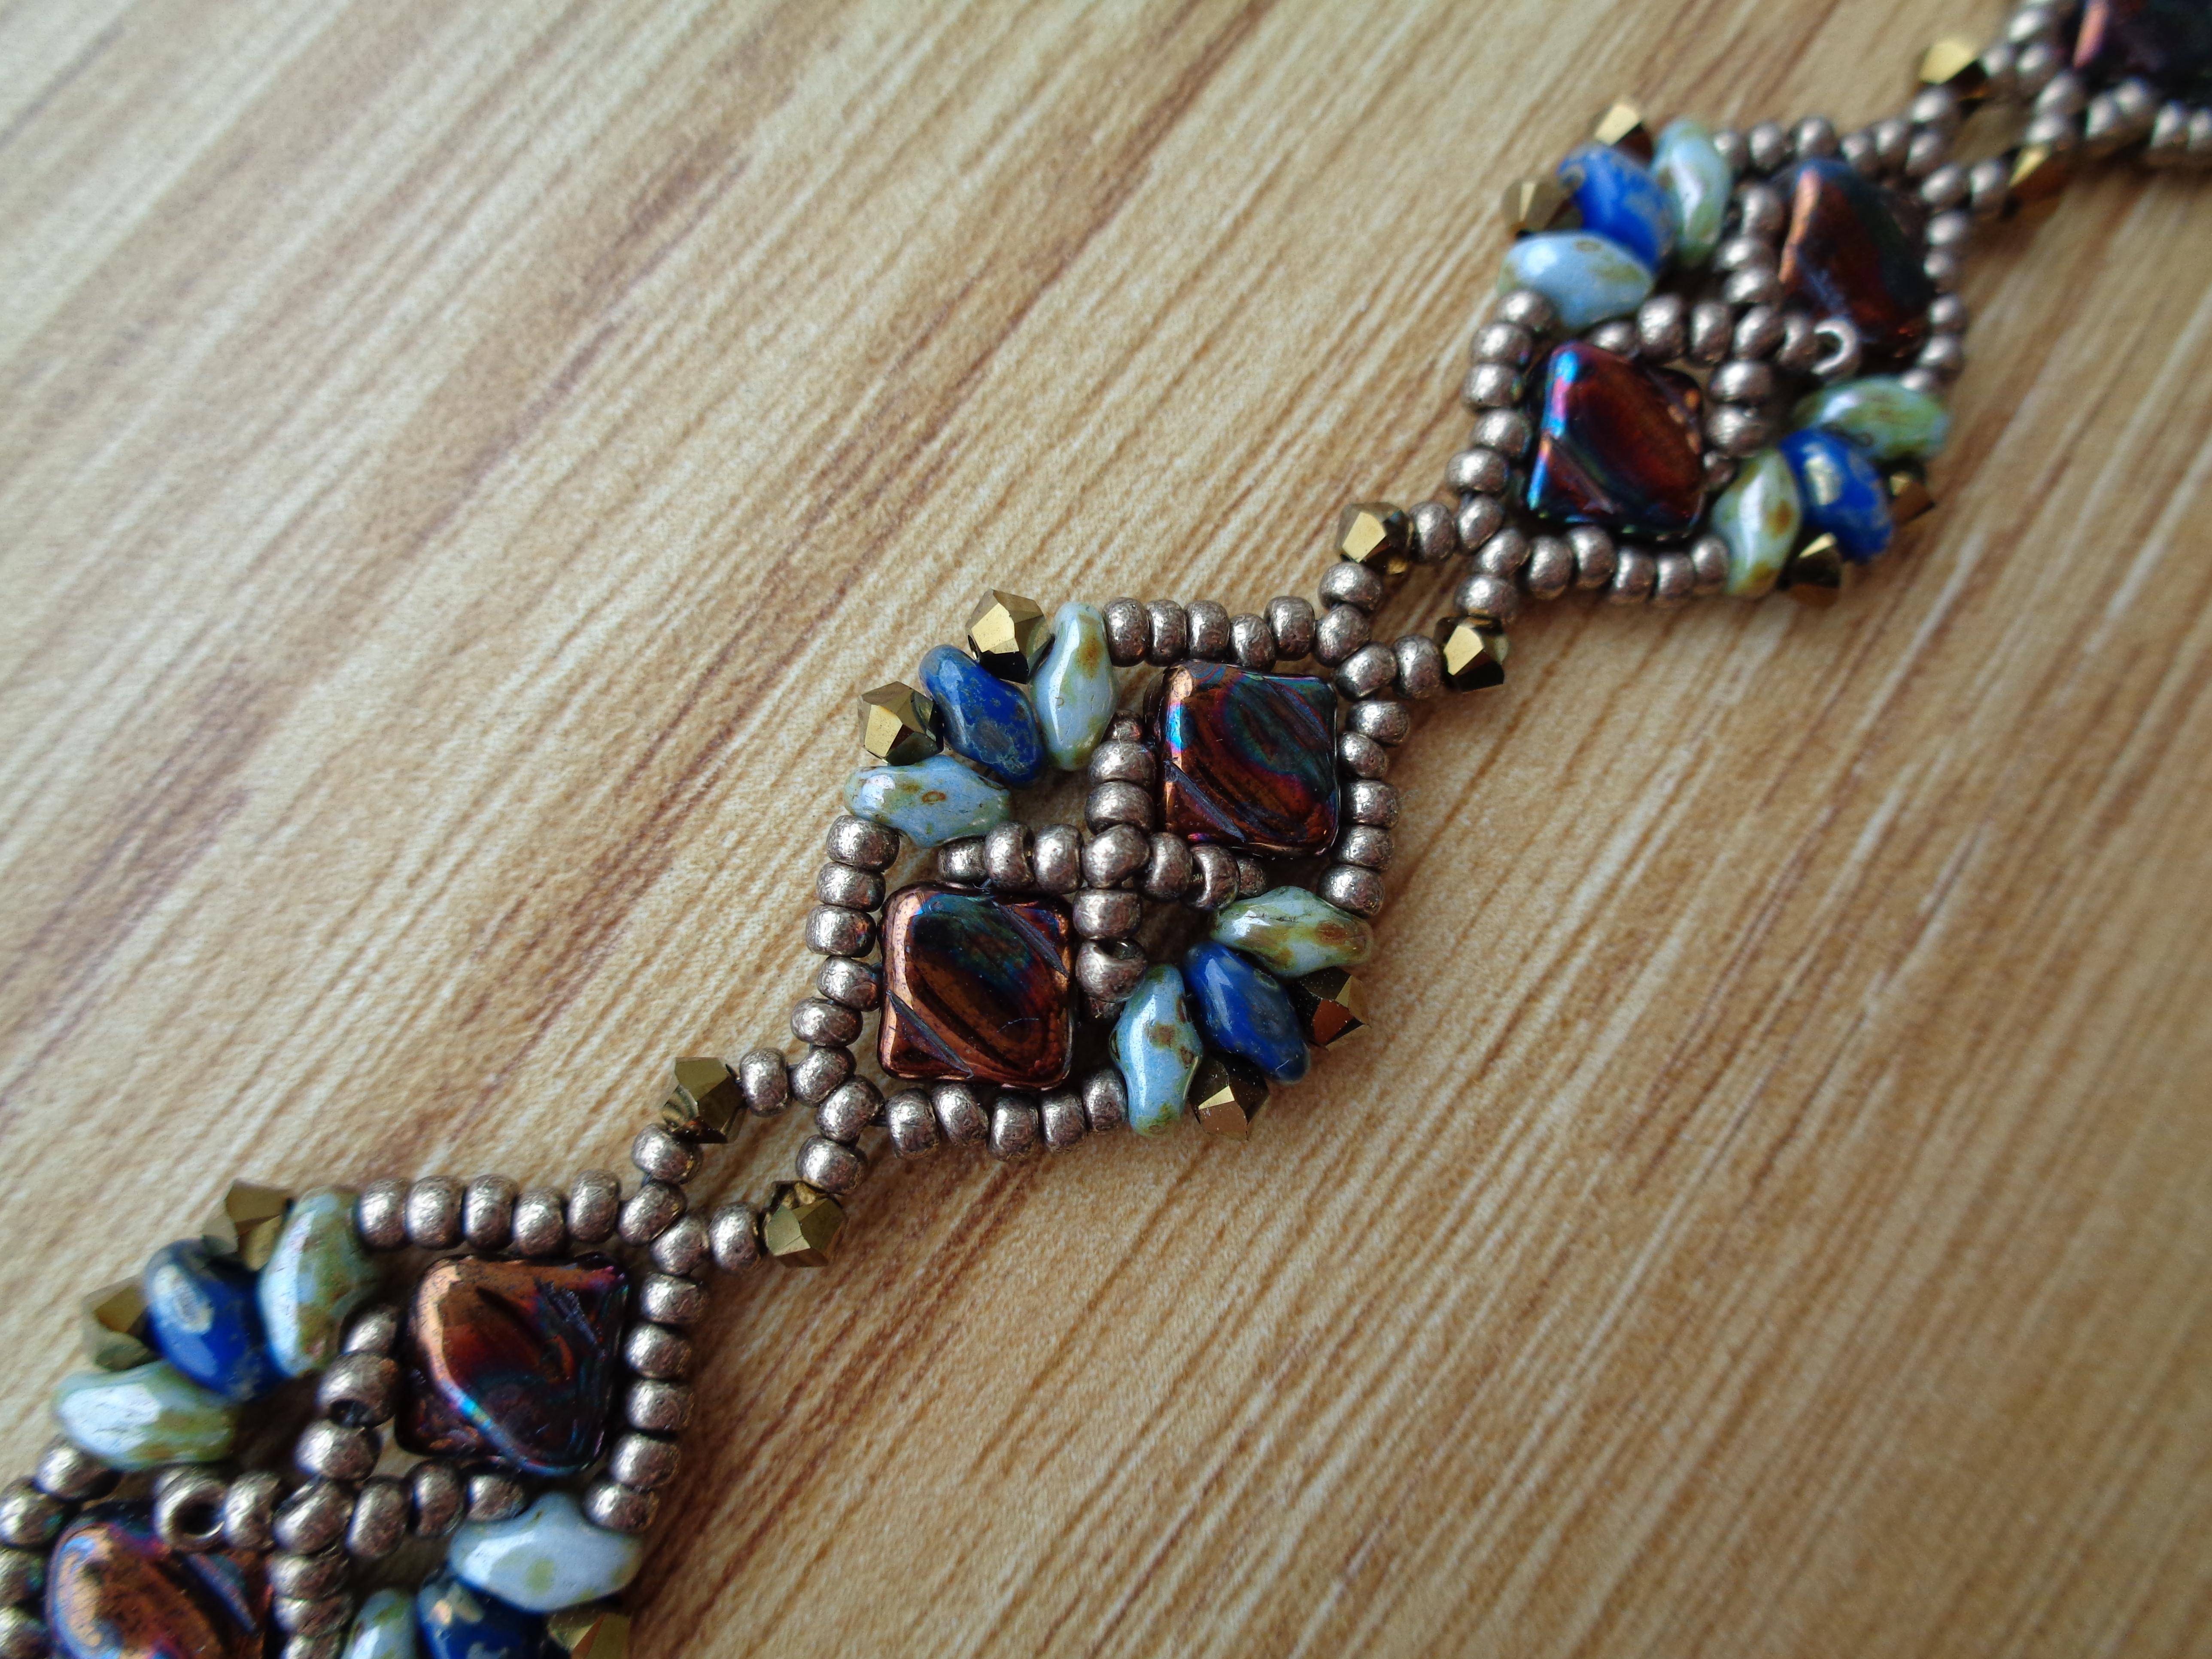 New Design : The Diadem Bracelet with Silky Beads   Wescott Jewelry